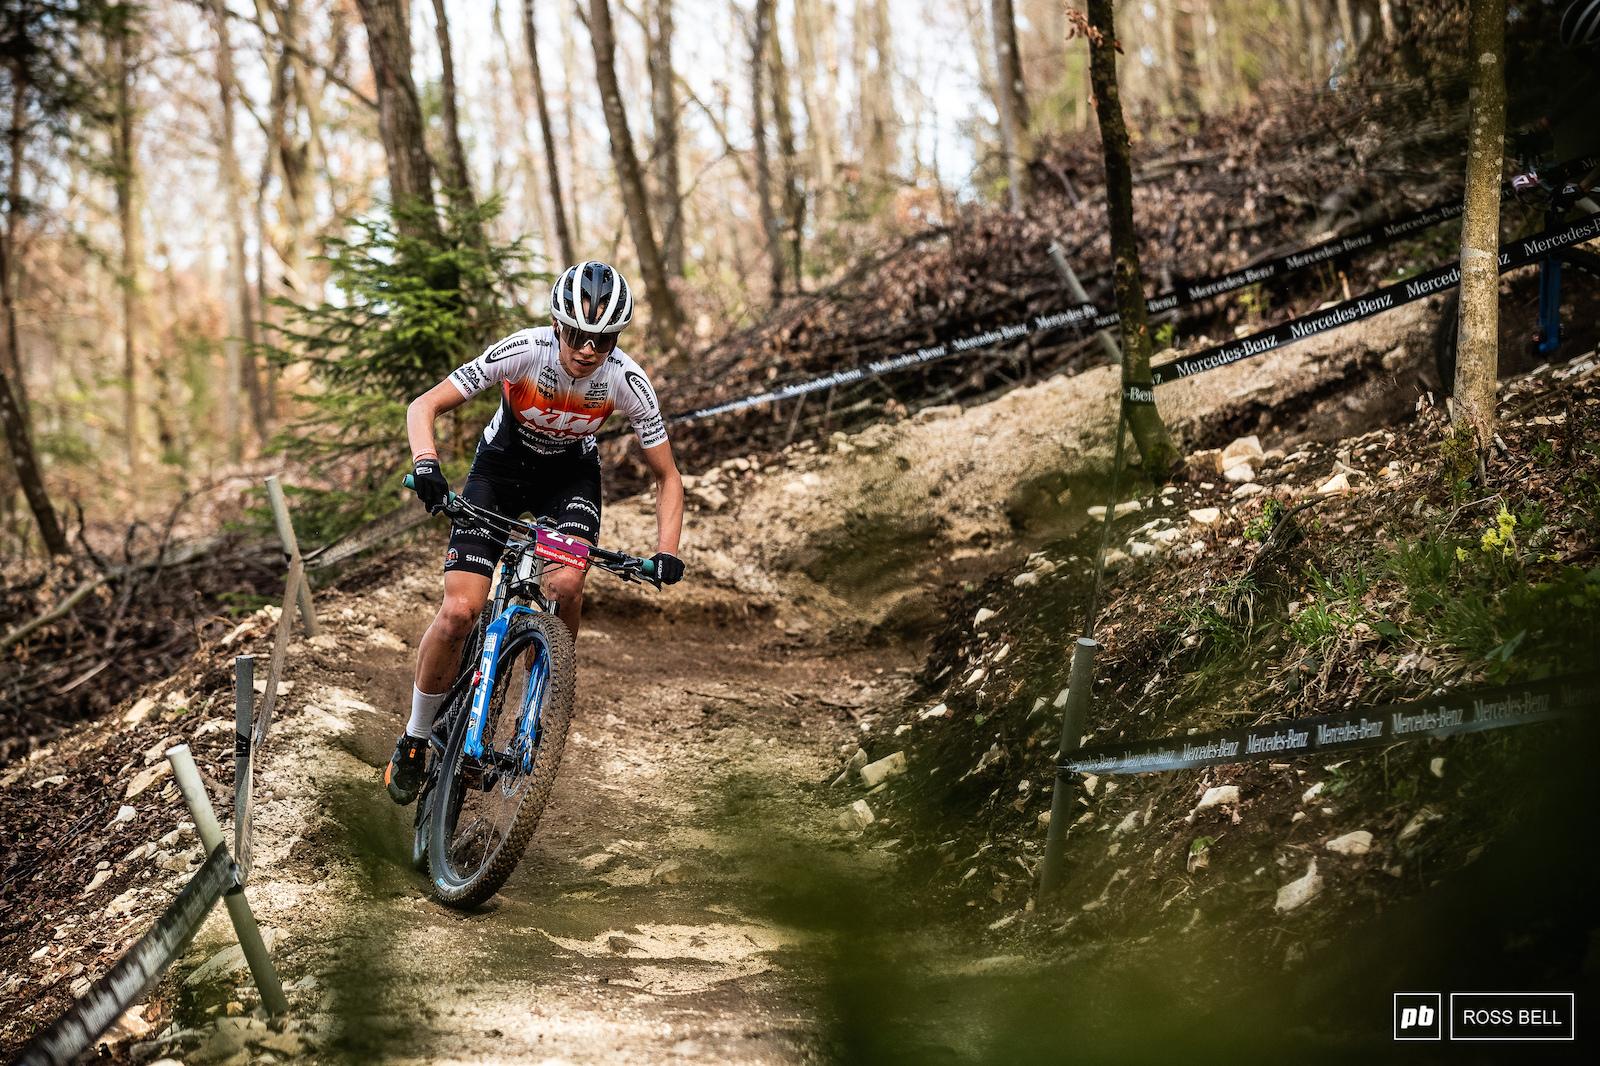 Giada Specia took 5th place in U23 women.